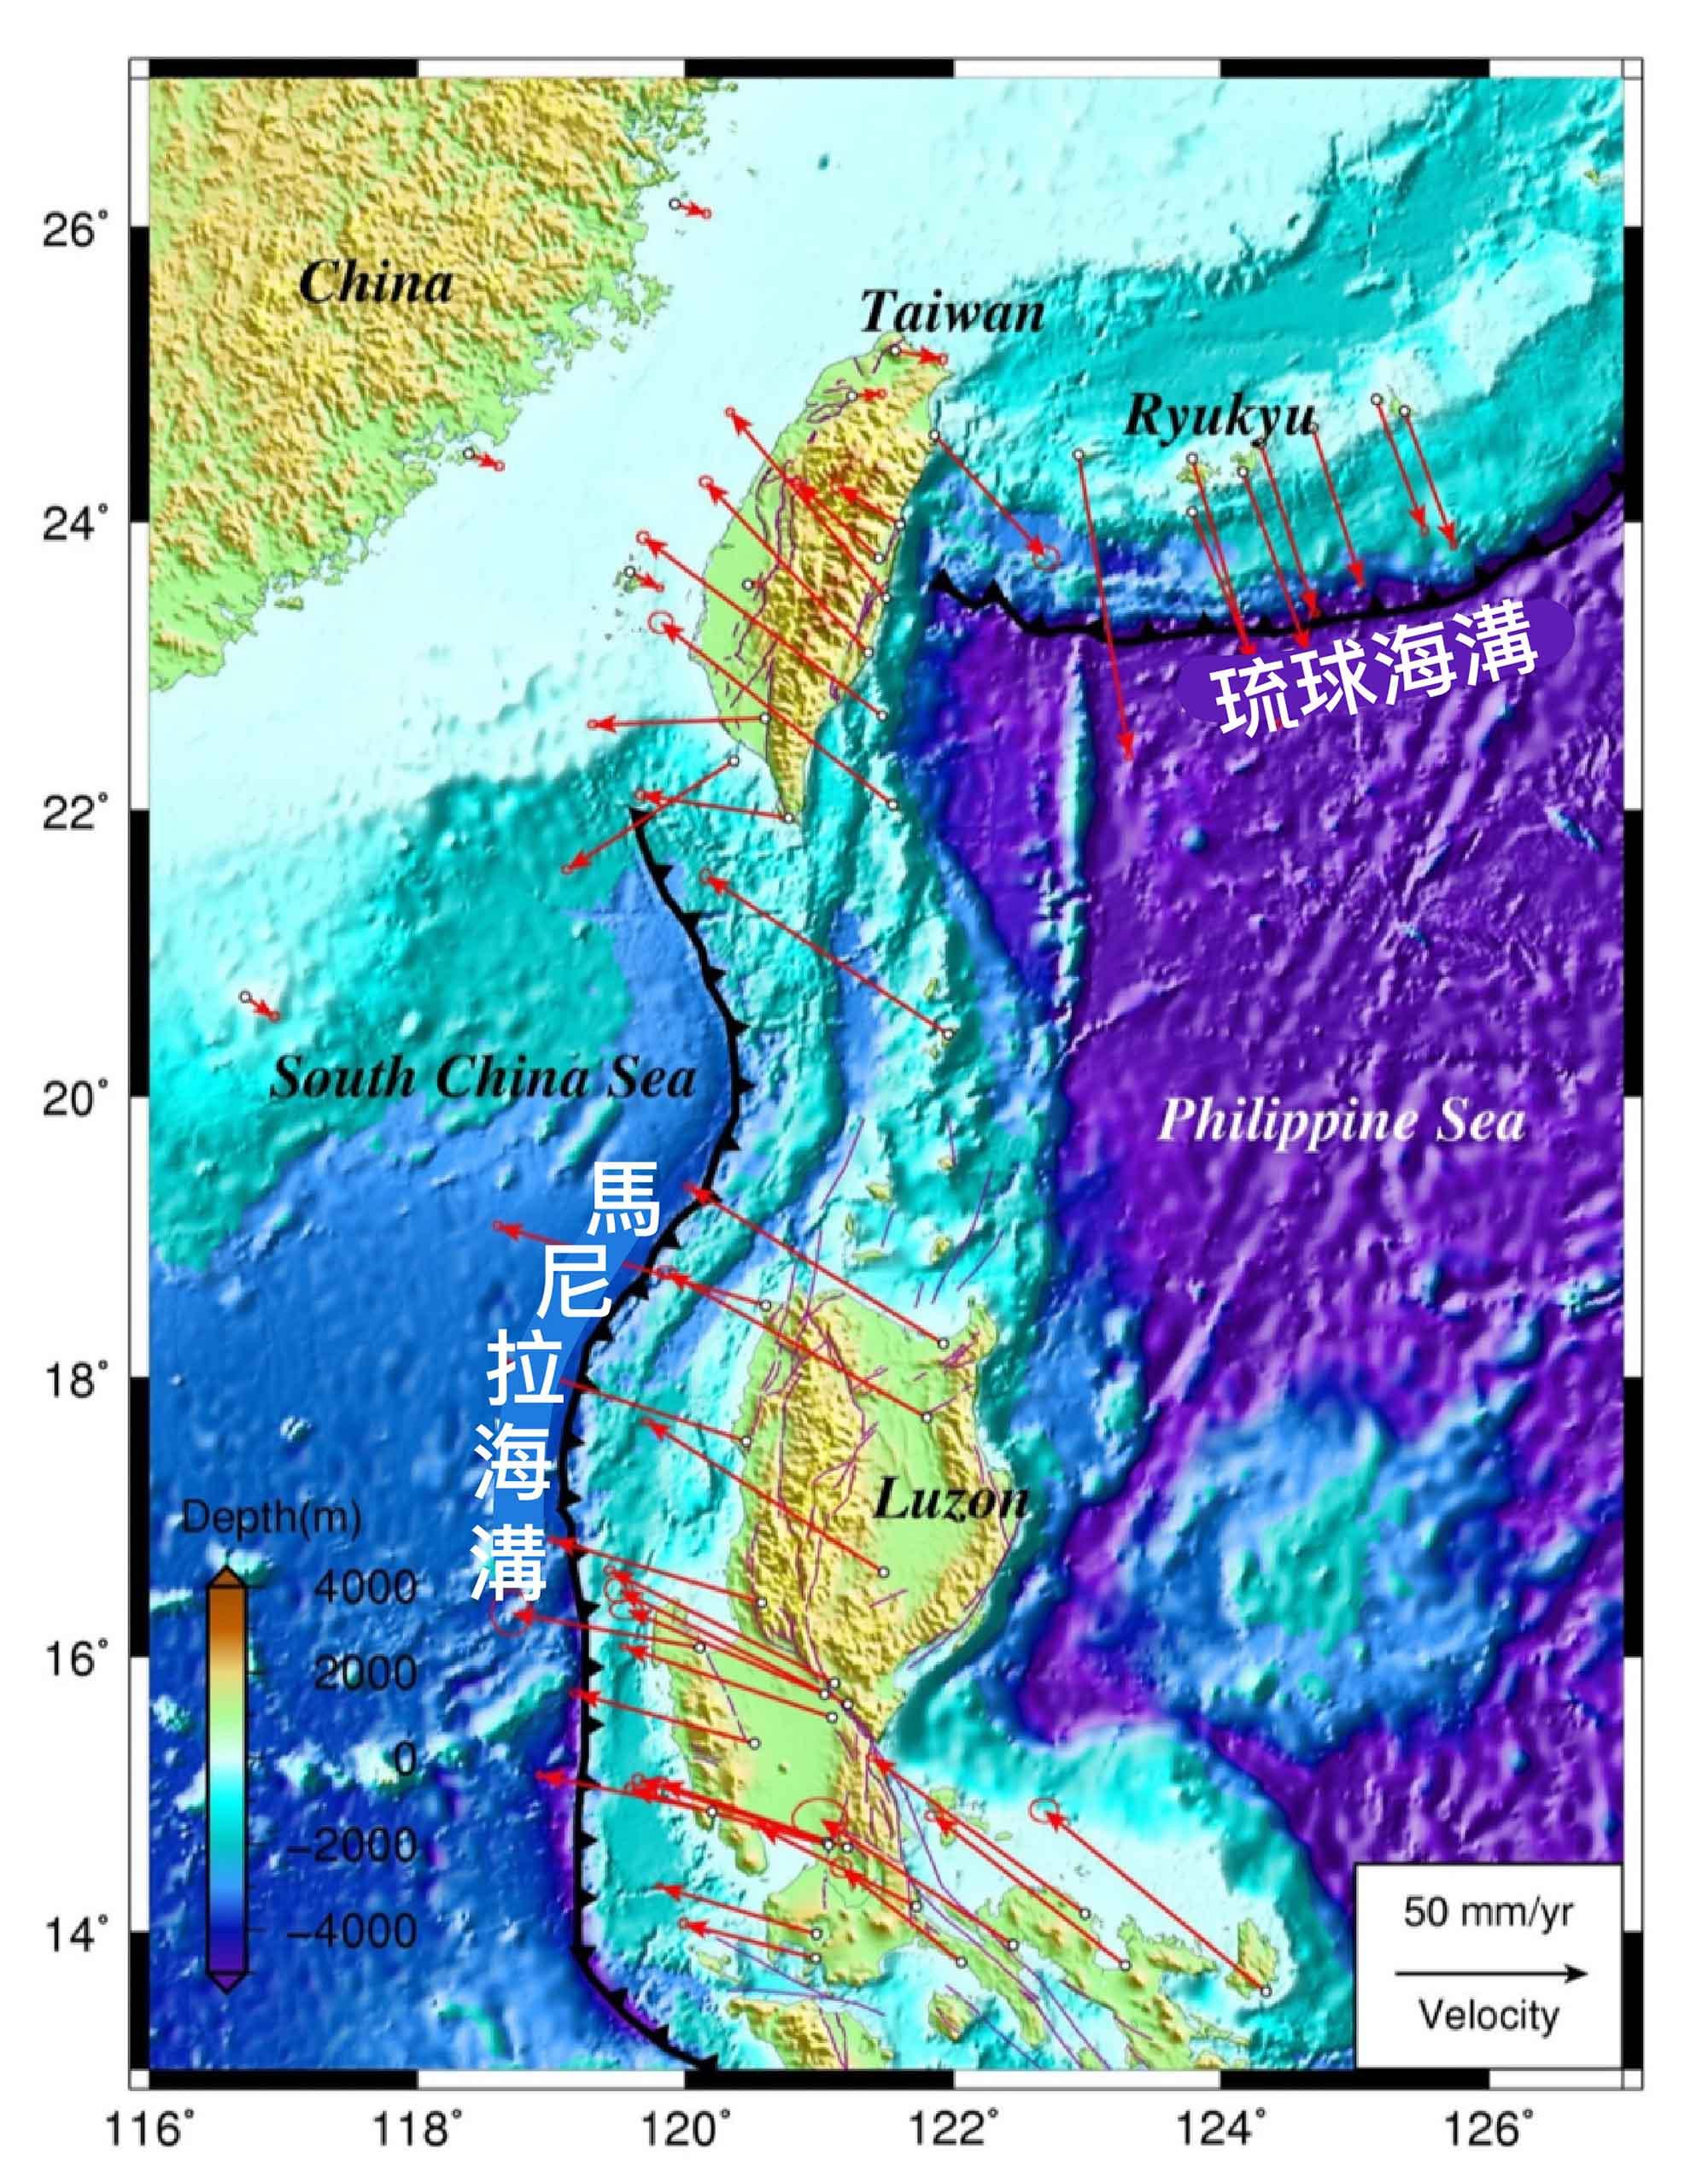 臺灣位處歐亞大陸板塊與菲律賓海板塊交界處,有可能發生隱沒帶大地震。周遭海域有二大主要海溝:琉球海溝、馬尼拉海溝。圖│研之有物(資料來源│許雅儒提供)